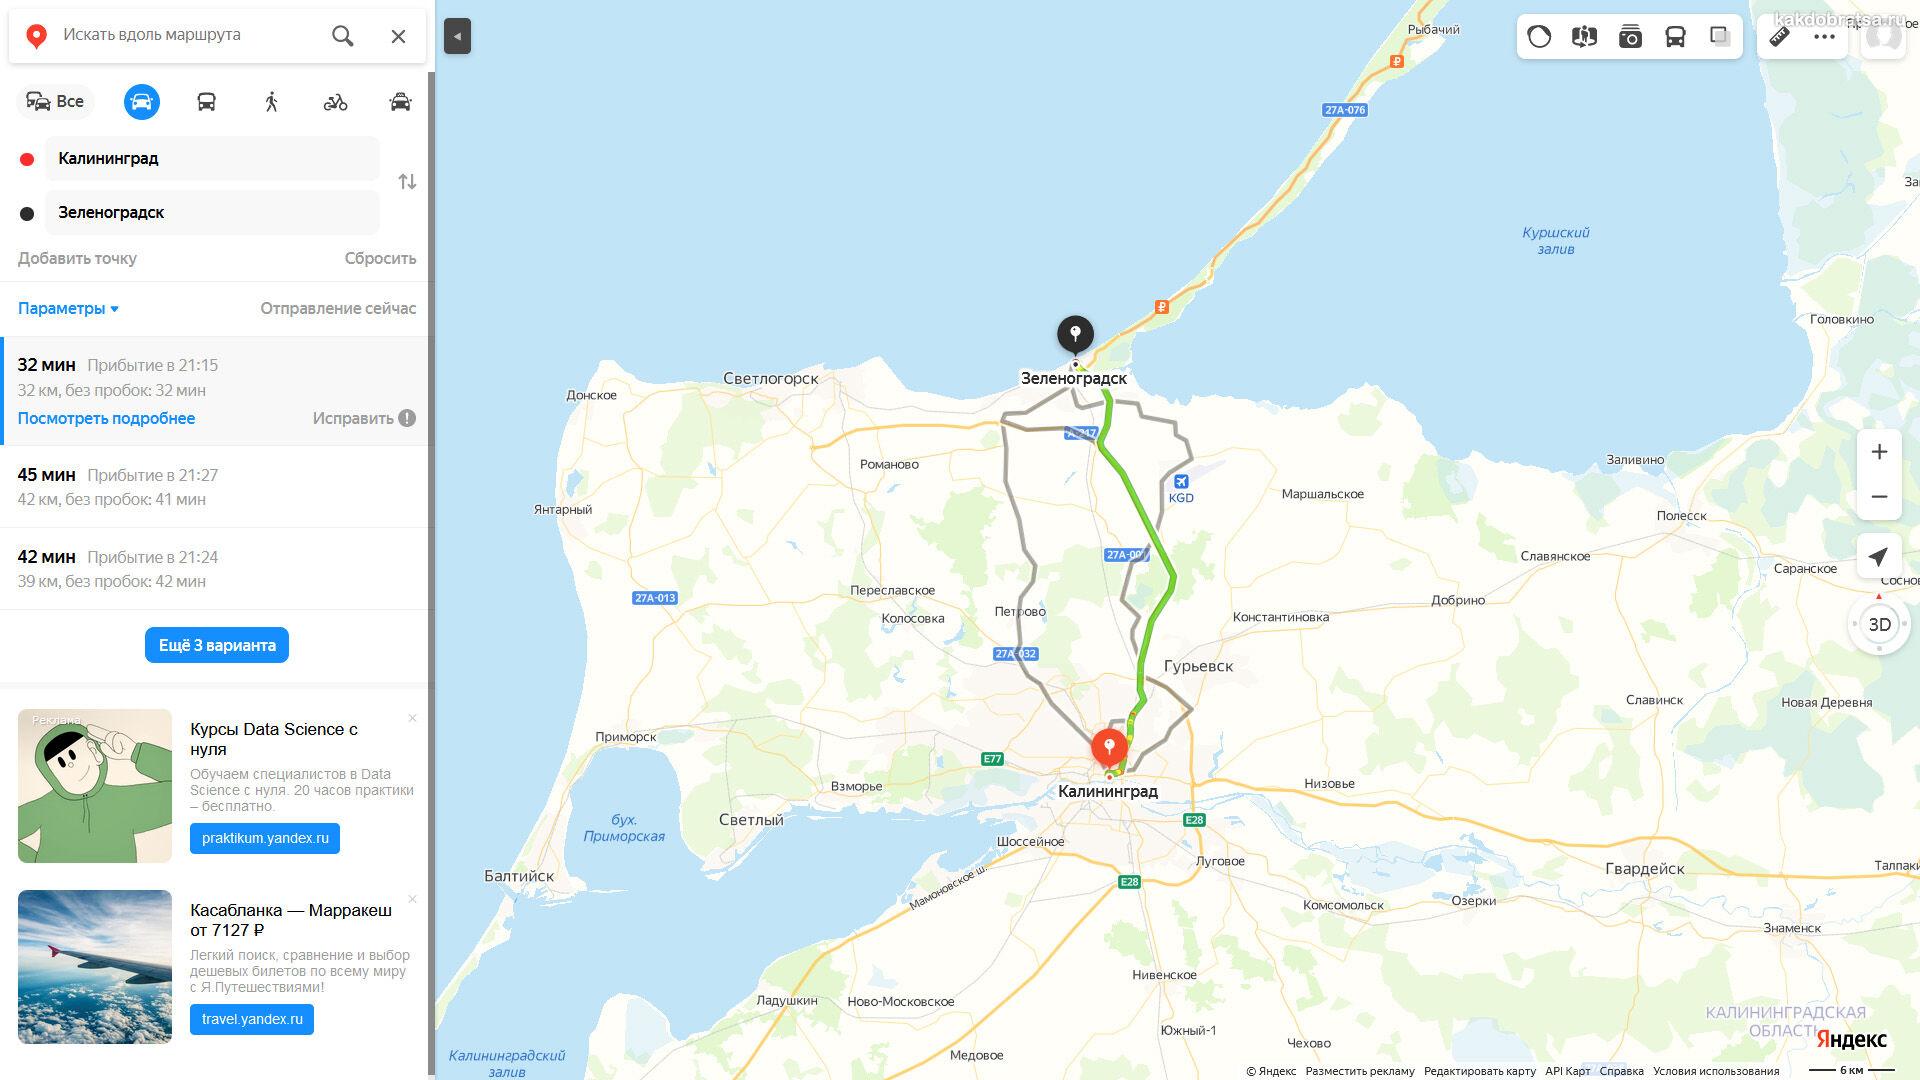 Где находится Зеленоградск и расстояние до Калининграда по карте